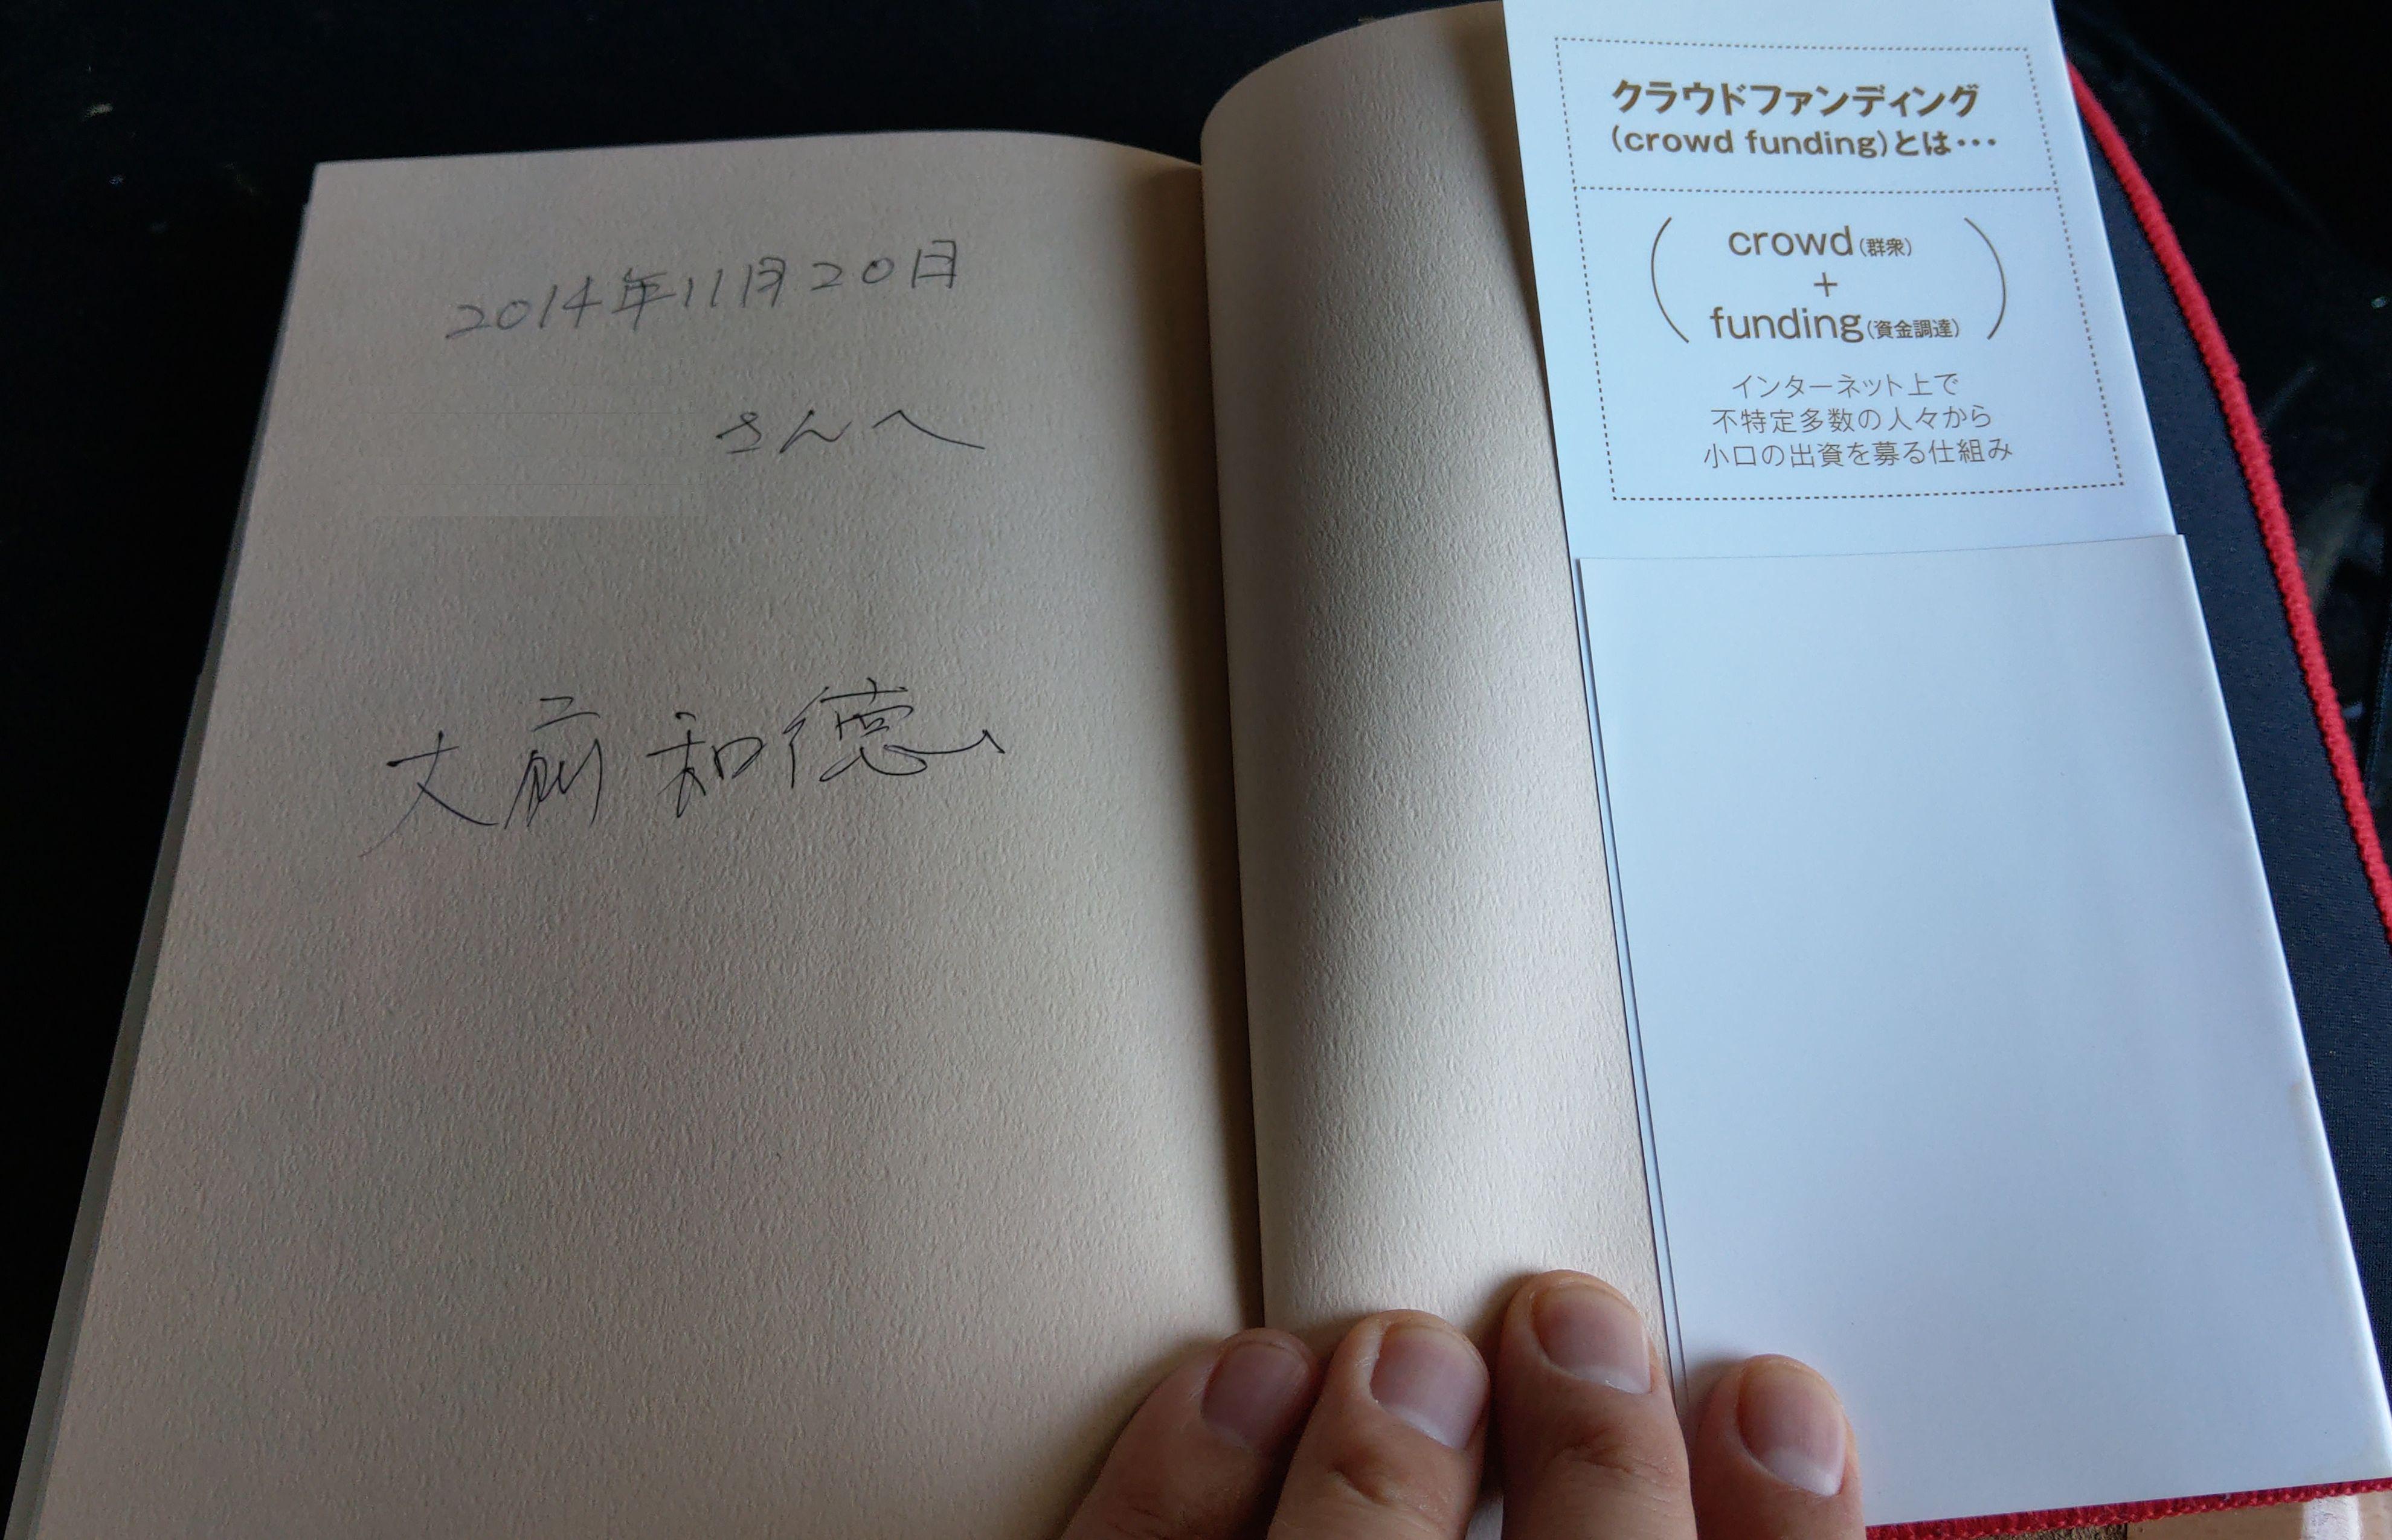 大前和徳クラウドバンク社長(当時)、「クラウドファンディングではじめる1万円投資」08